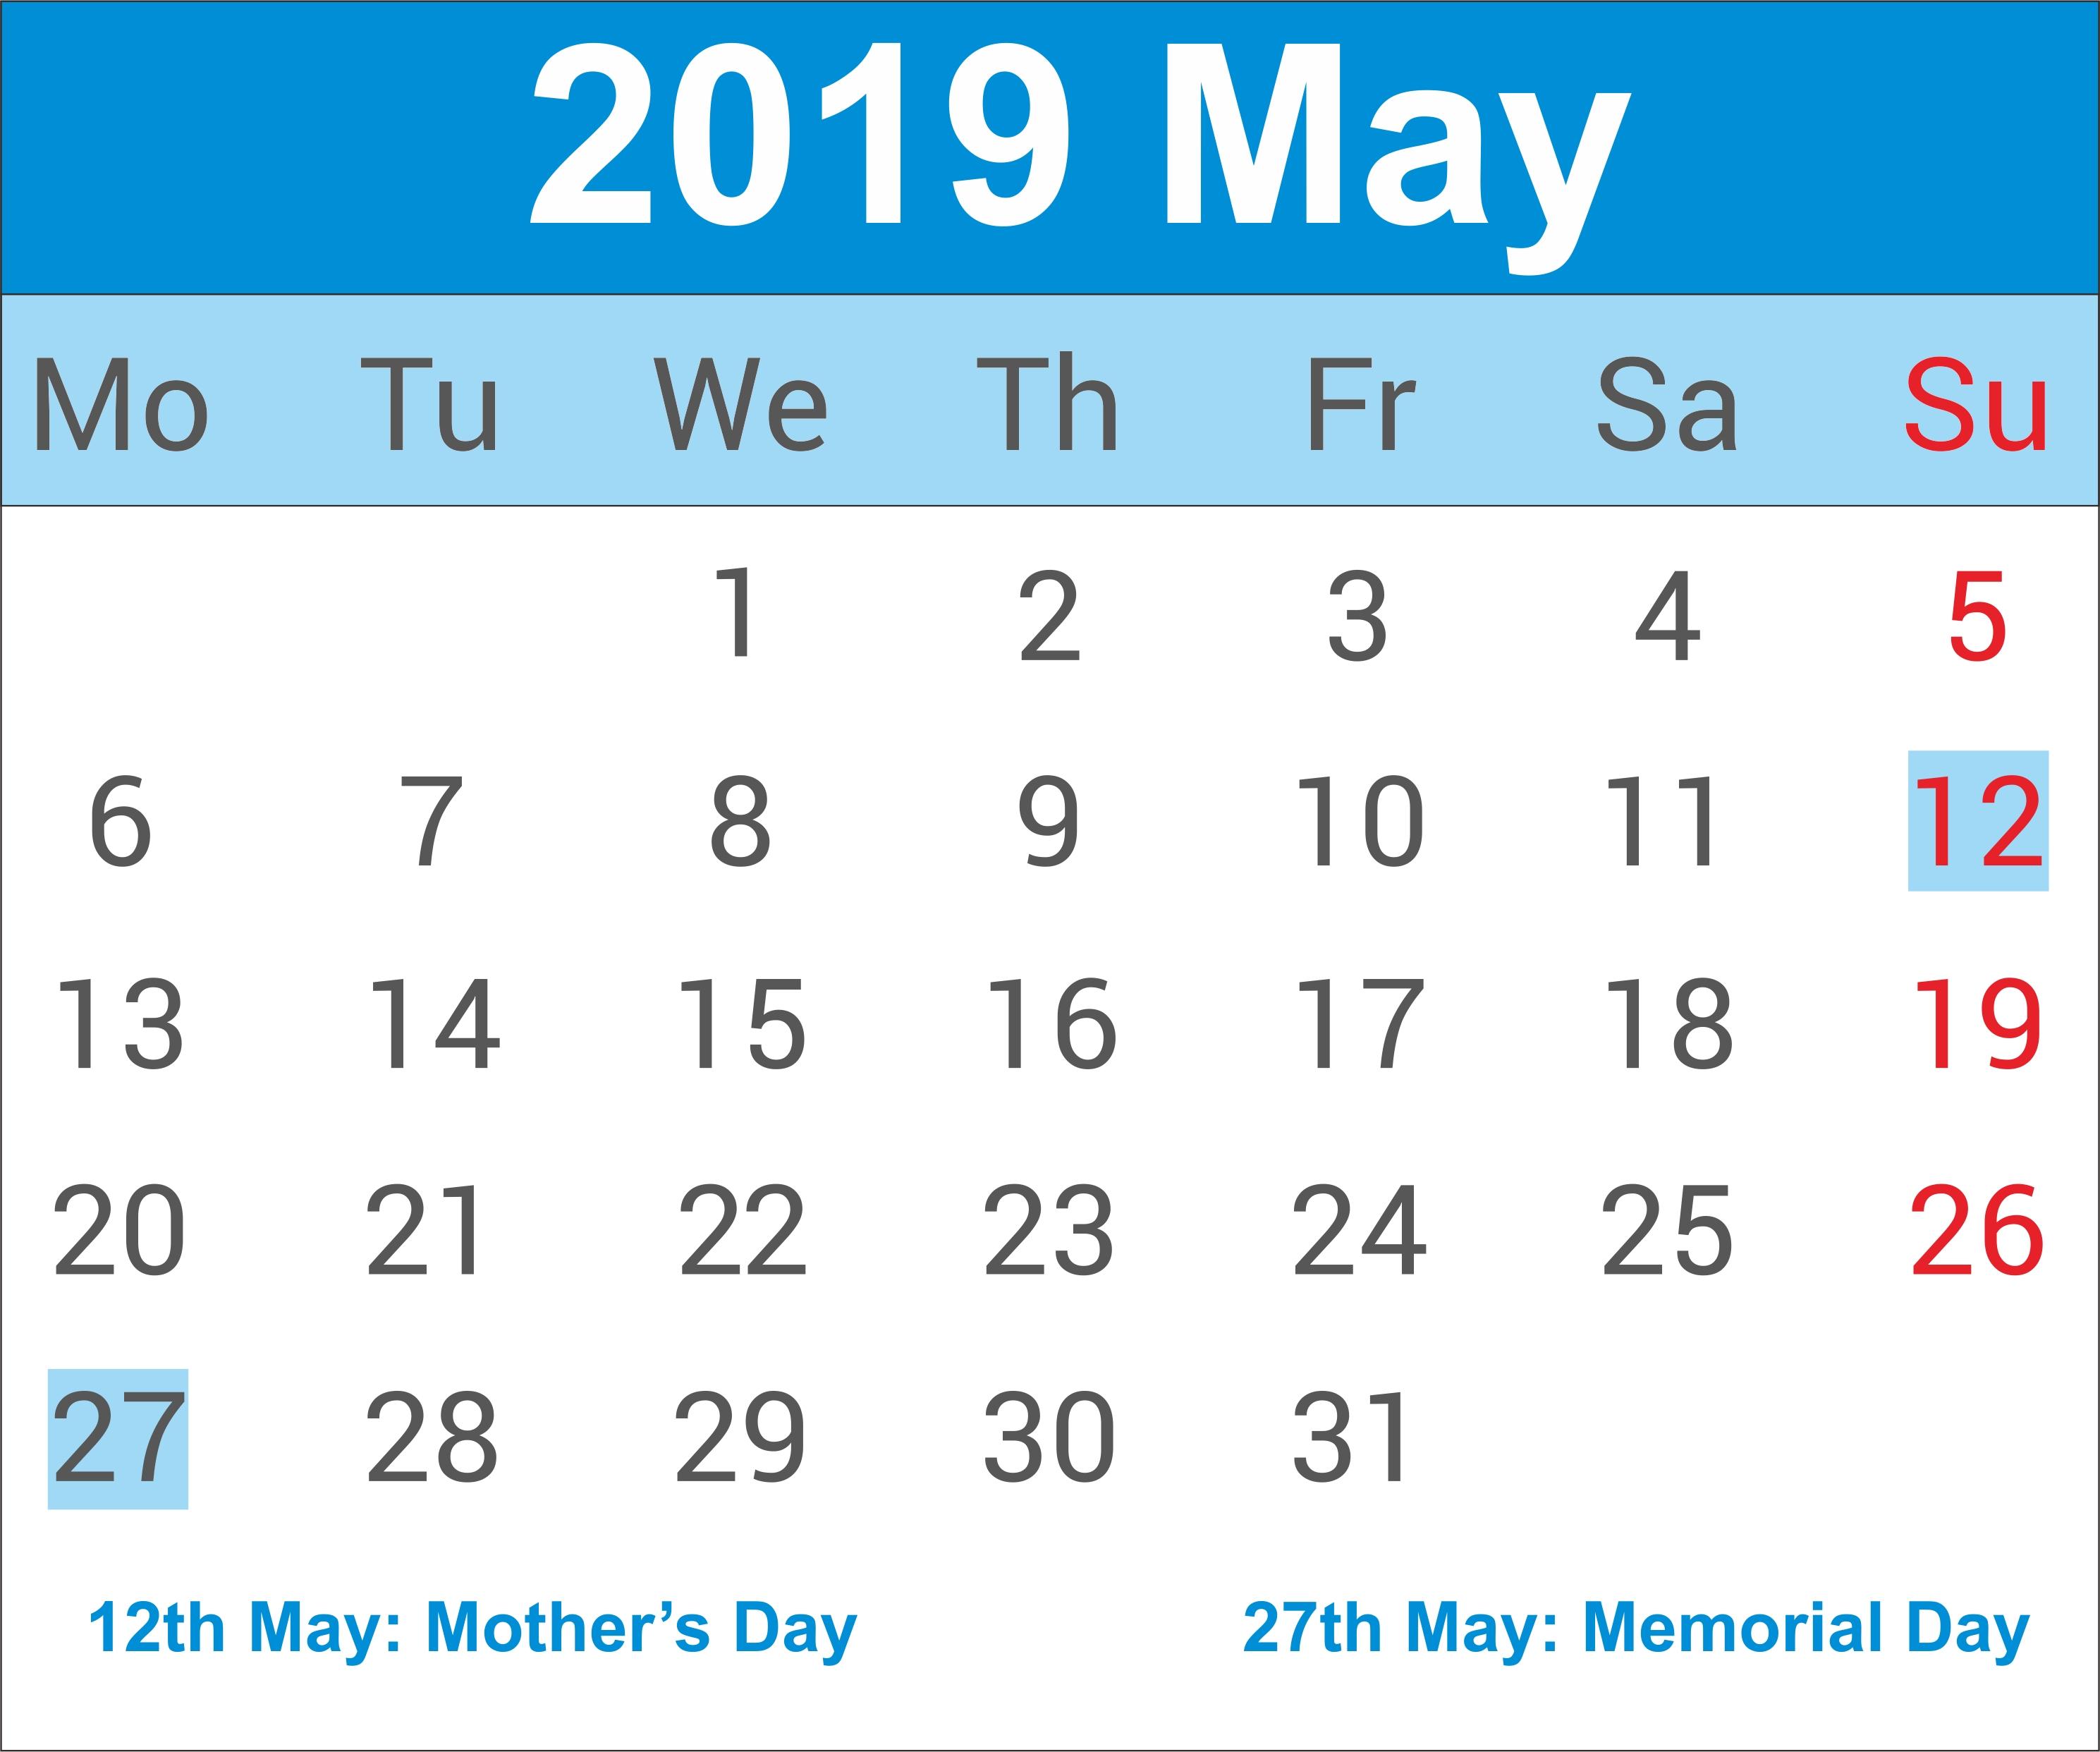 May 2019 Calendar | May Calendar 2019, May 2019 Printable Calendar Calendar May 3 2019